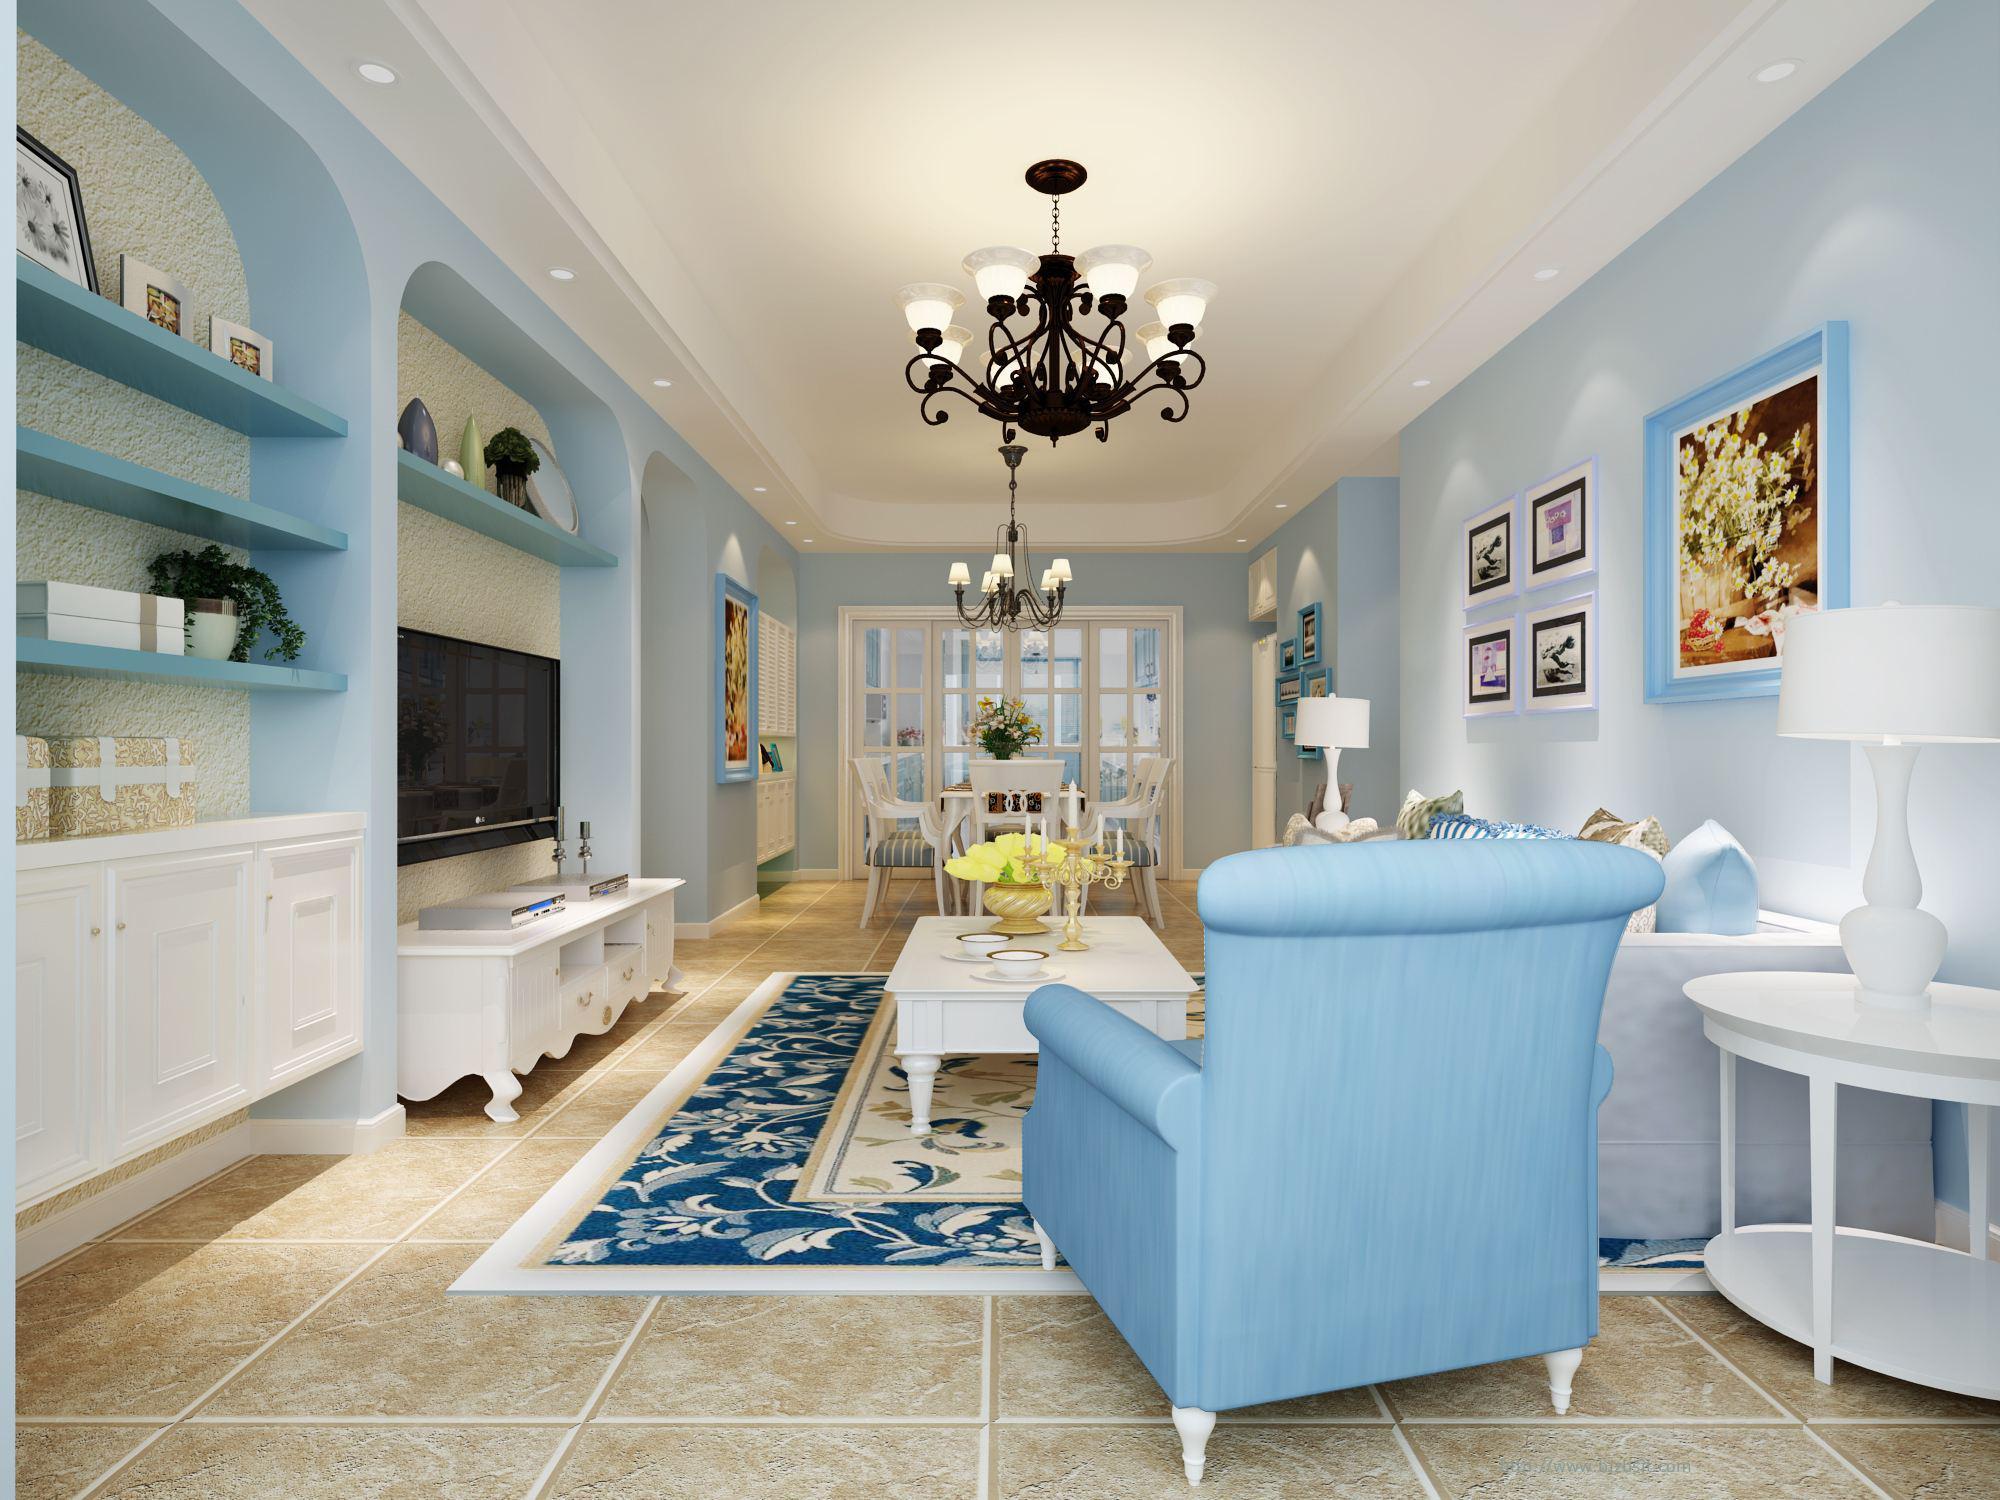 客厅面积小该如何装修显得大气